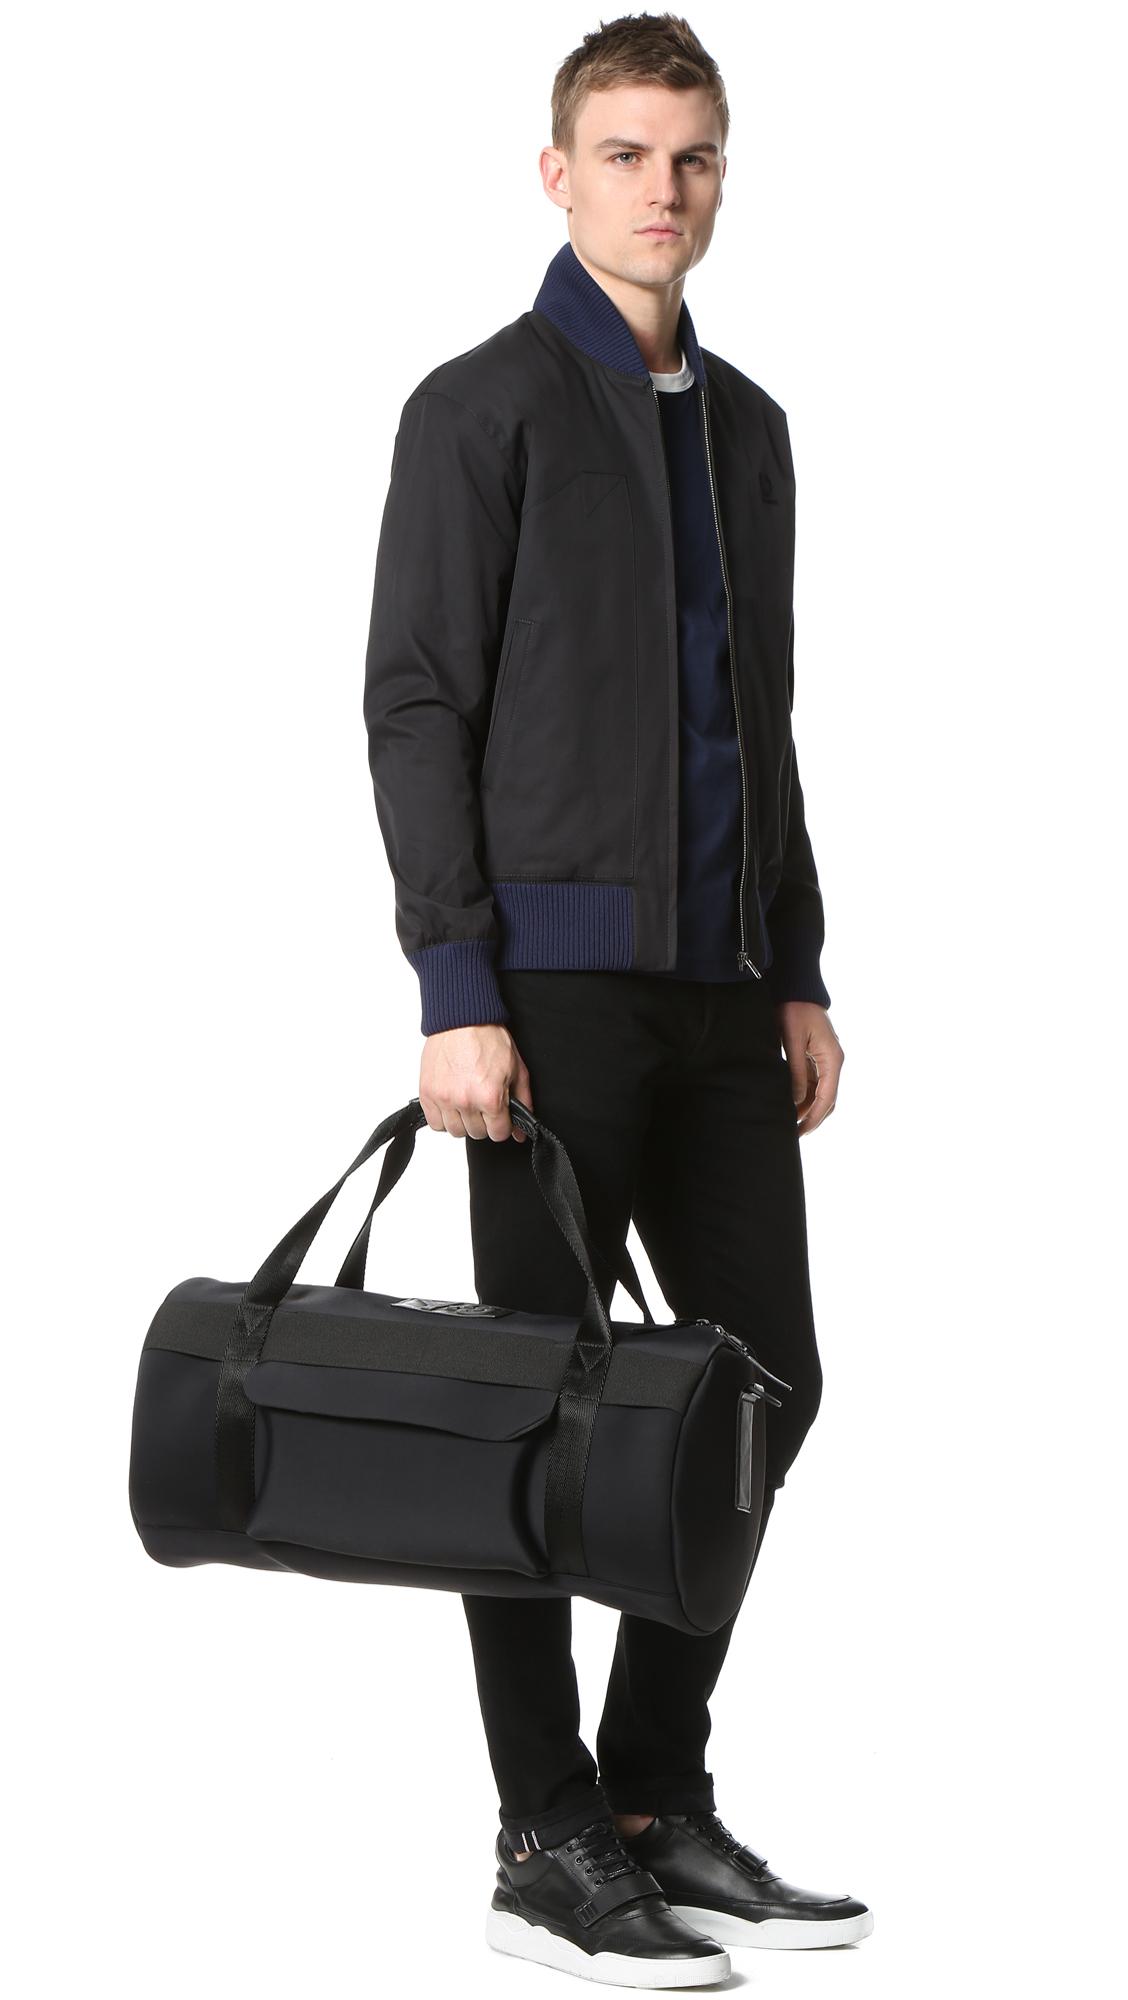 714950a3bea Lyst - Y-3 Qasa Gym Bag in Black for Men